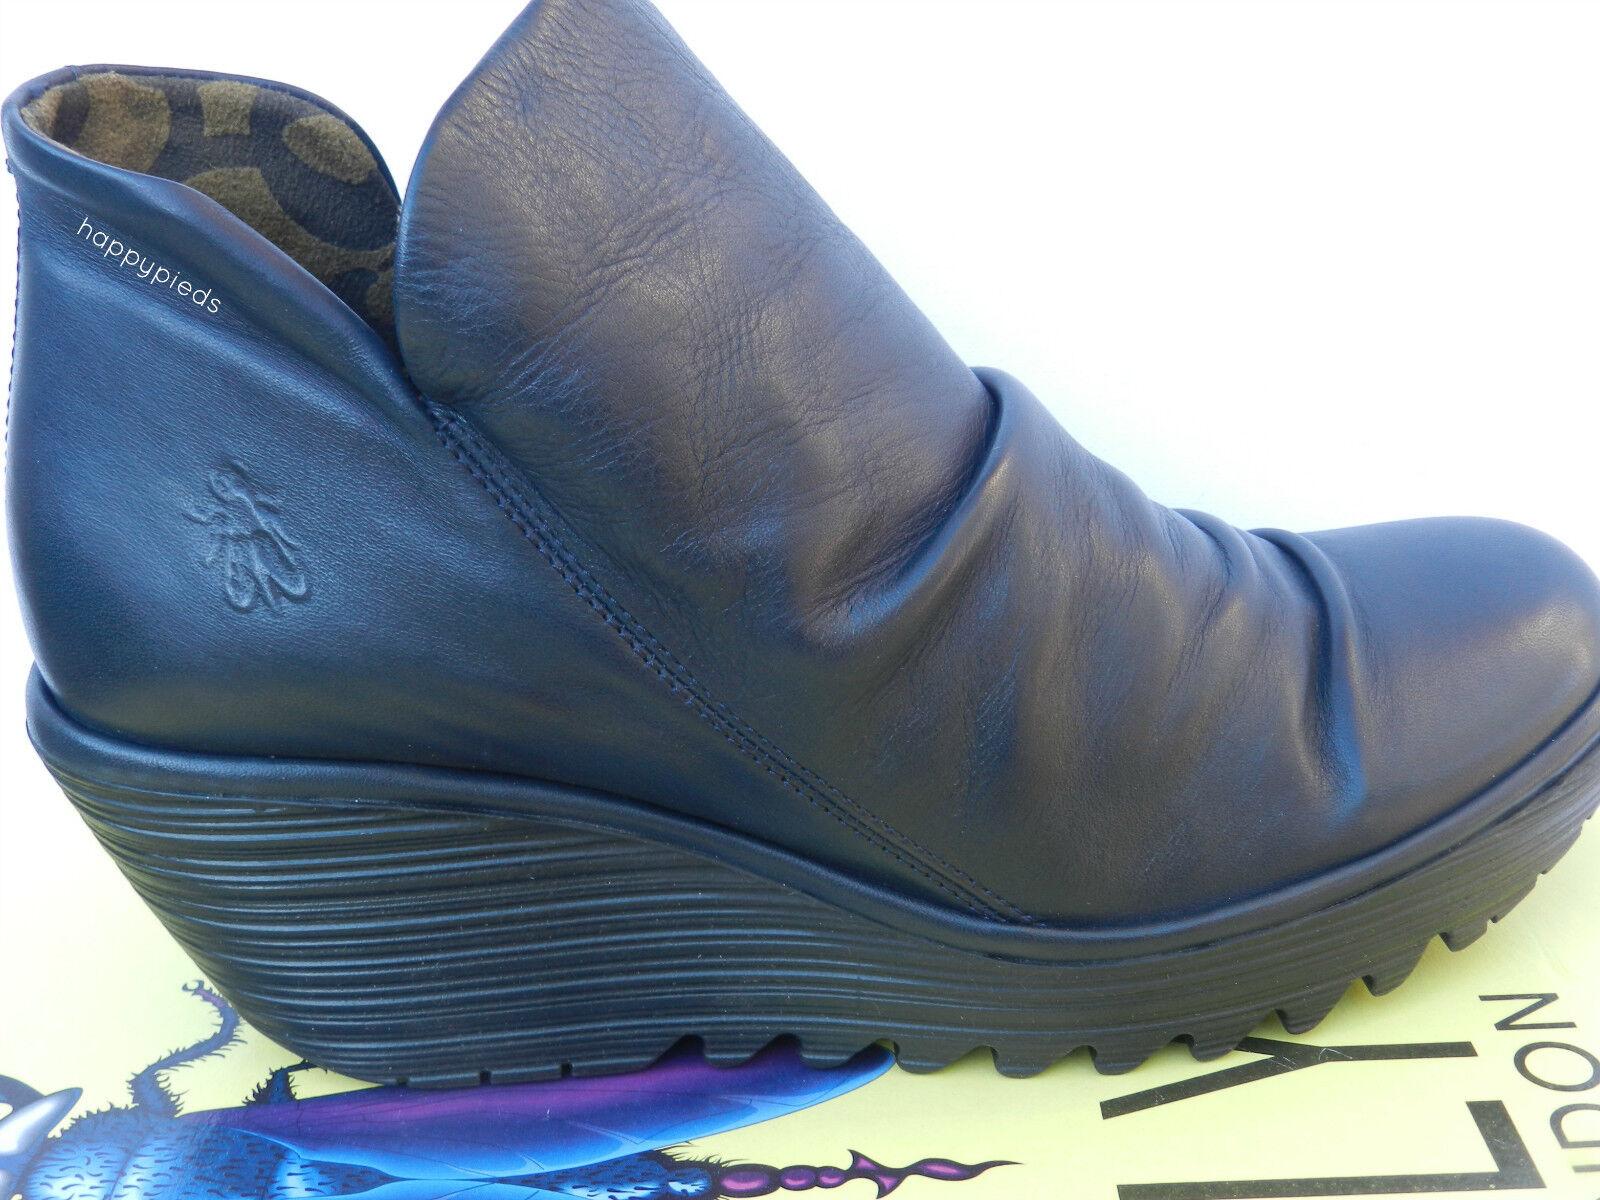 Fly London Yip shoes Femme 40 Bottines Compensé Montantes Bottes UK7 Neuf